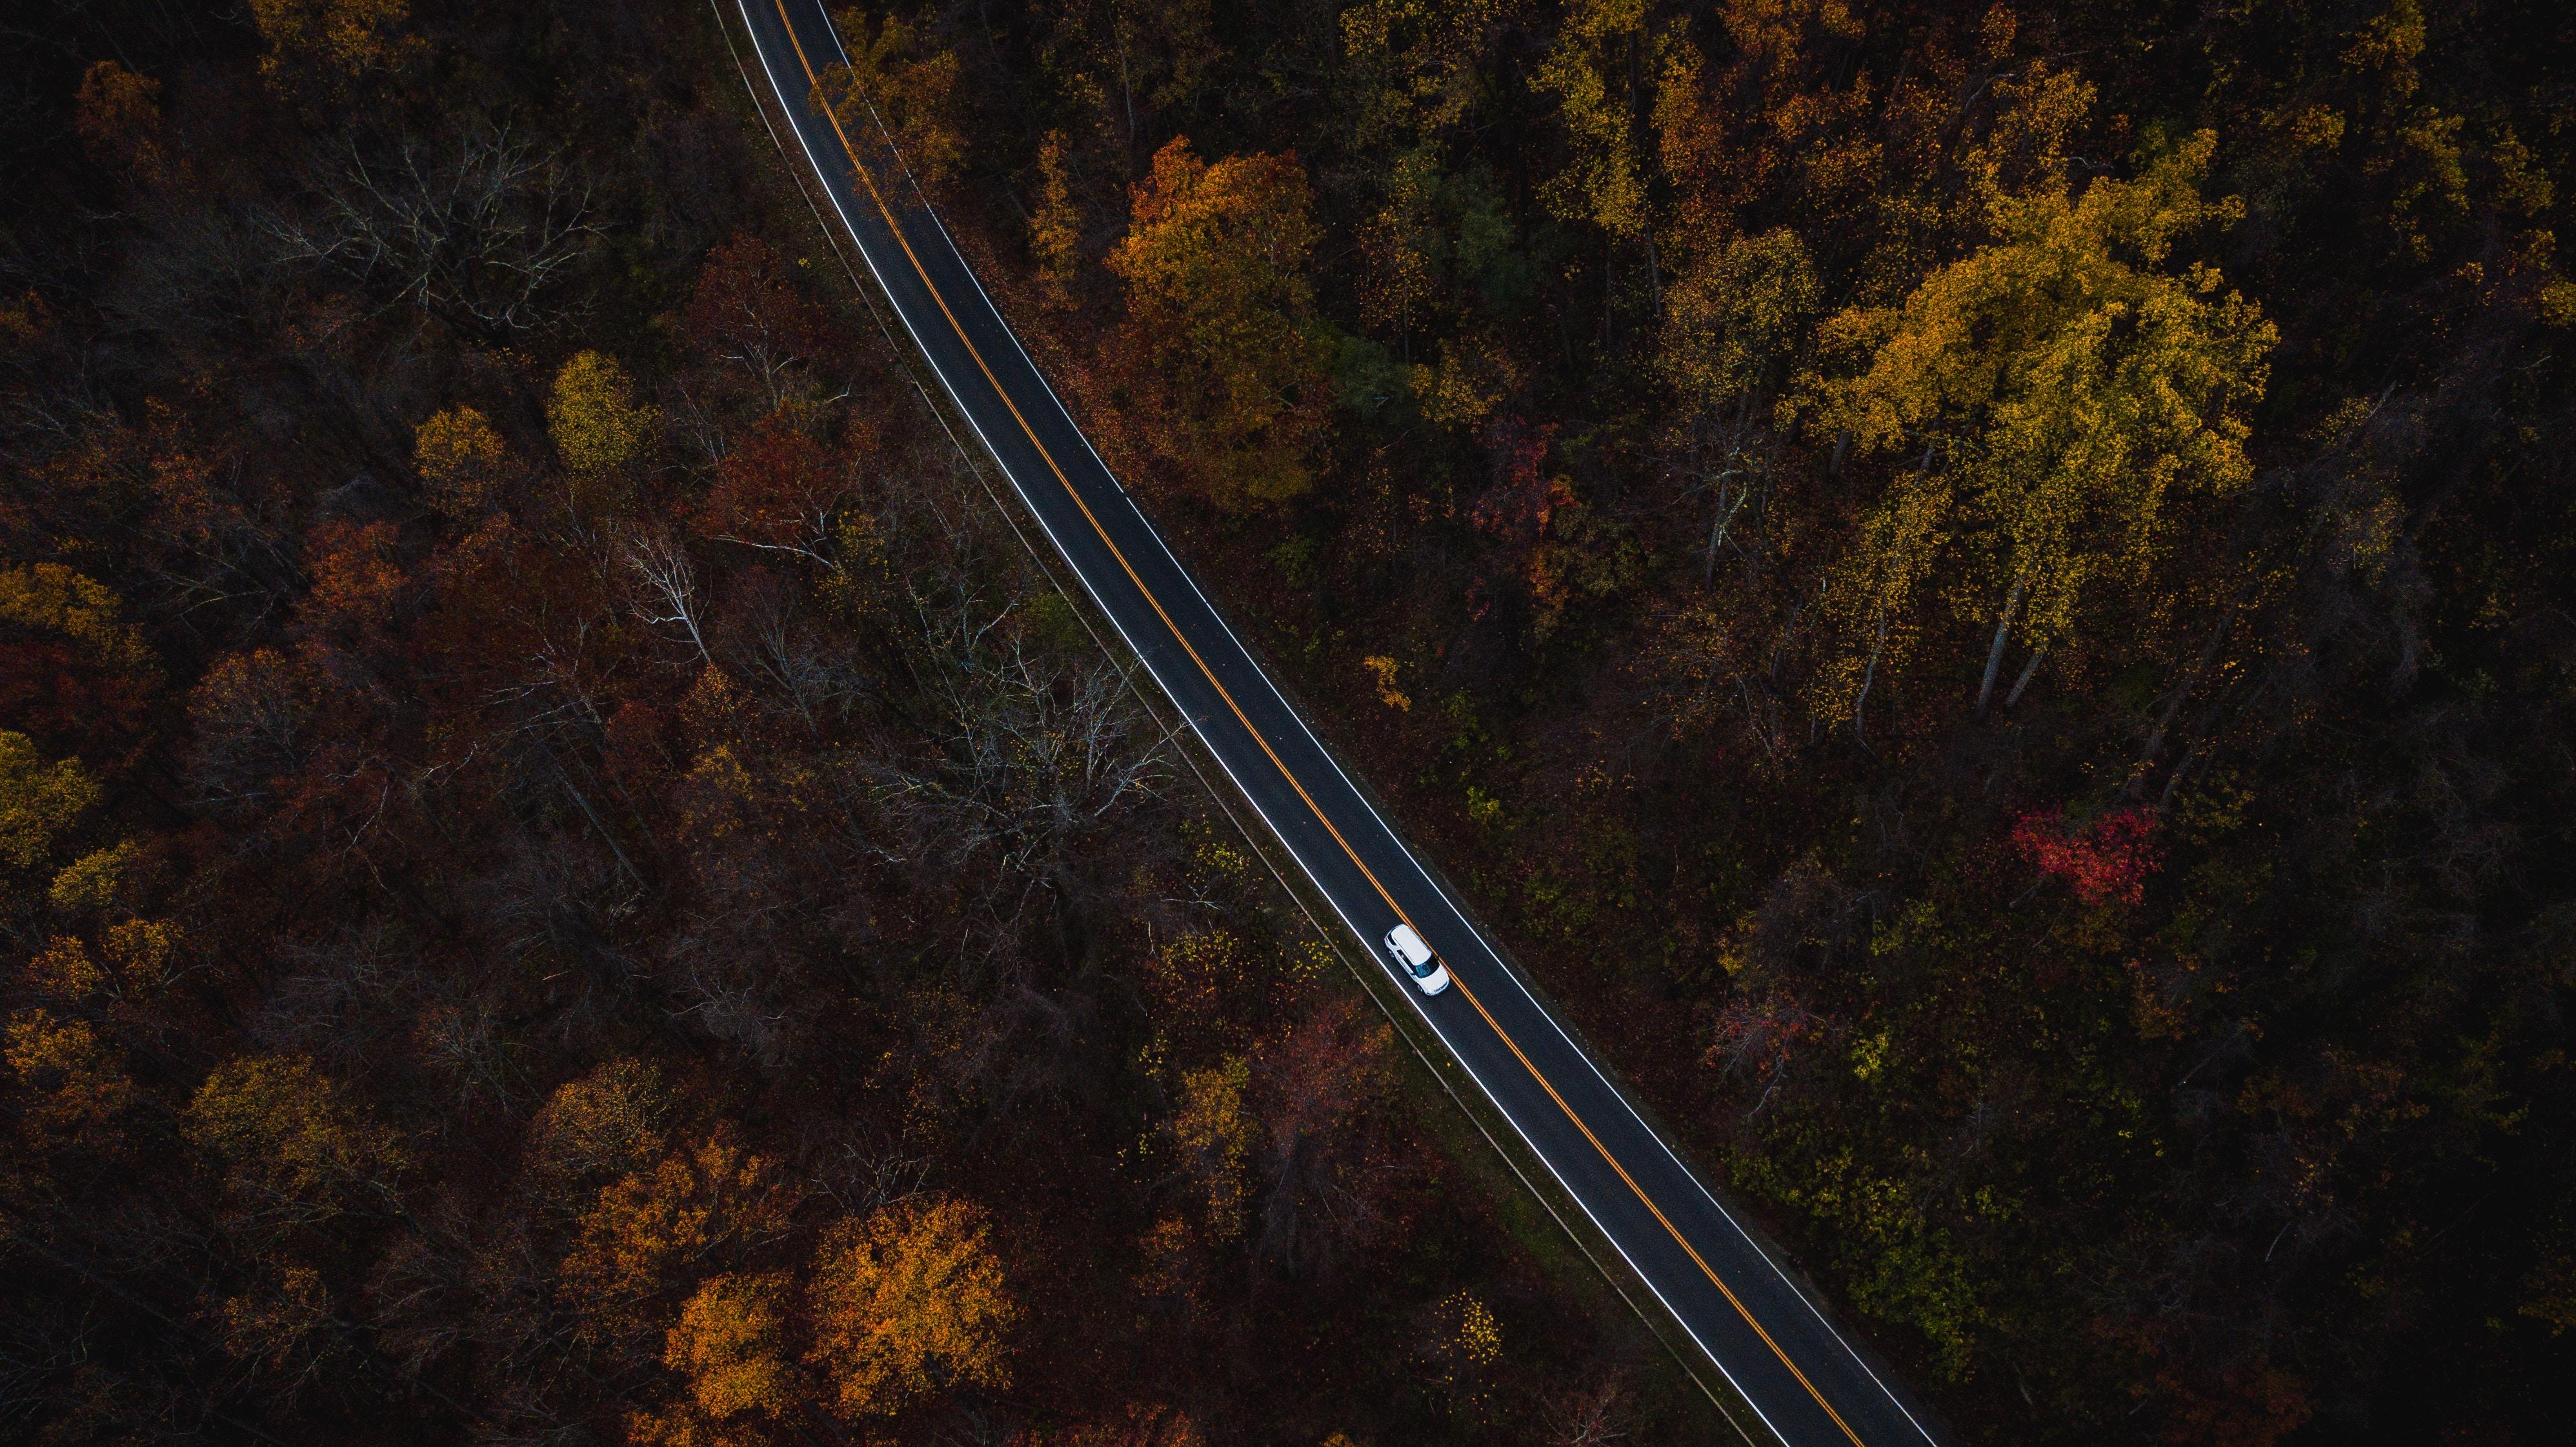 103326 скачать обои Машины, Природа, Деревья, Вид Сверху, Дорога - заставки и картинки бесплатно